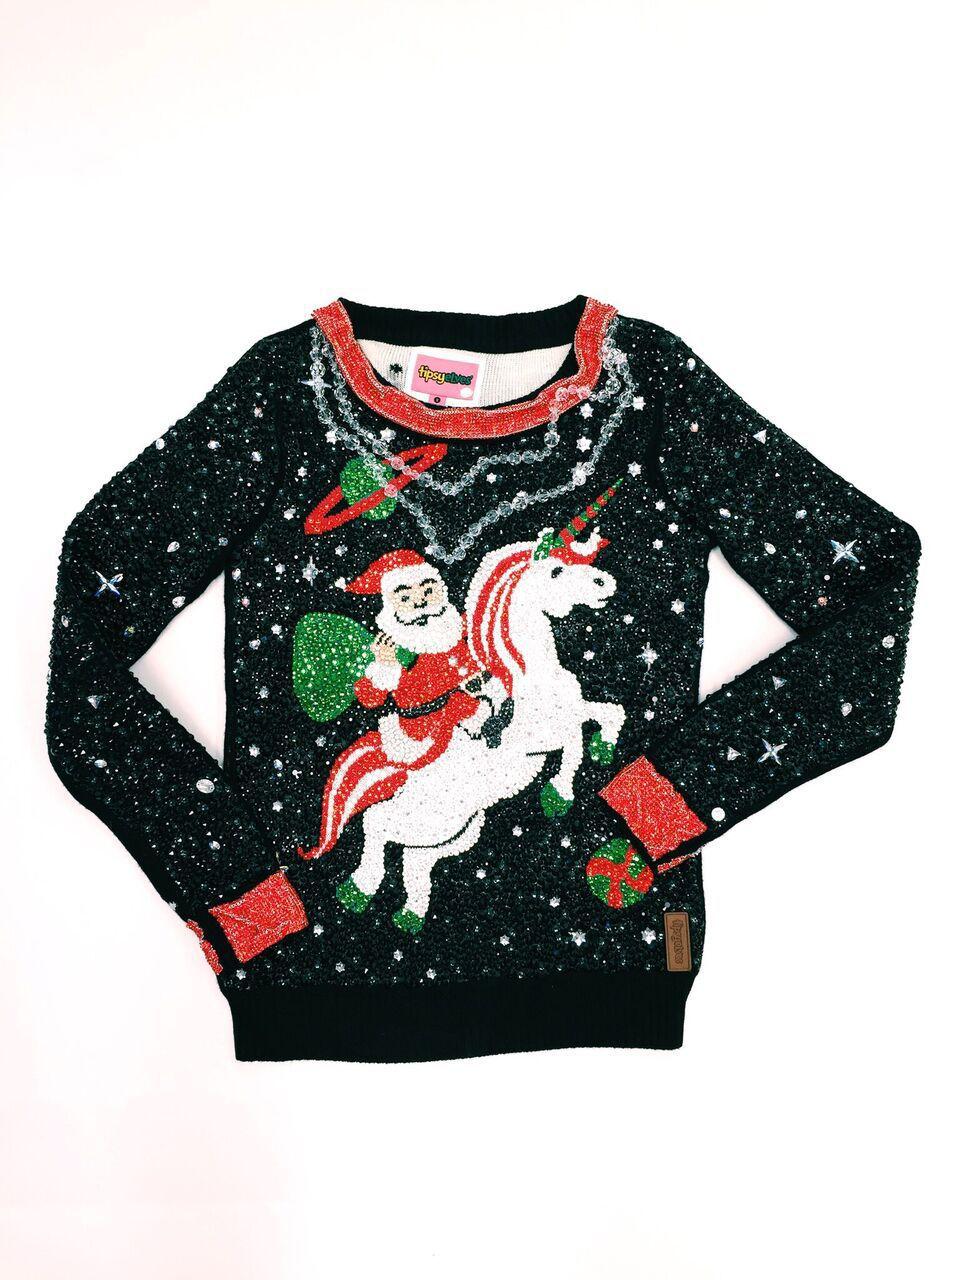 Божикен џемпер со вредност од 30.000 долари